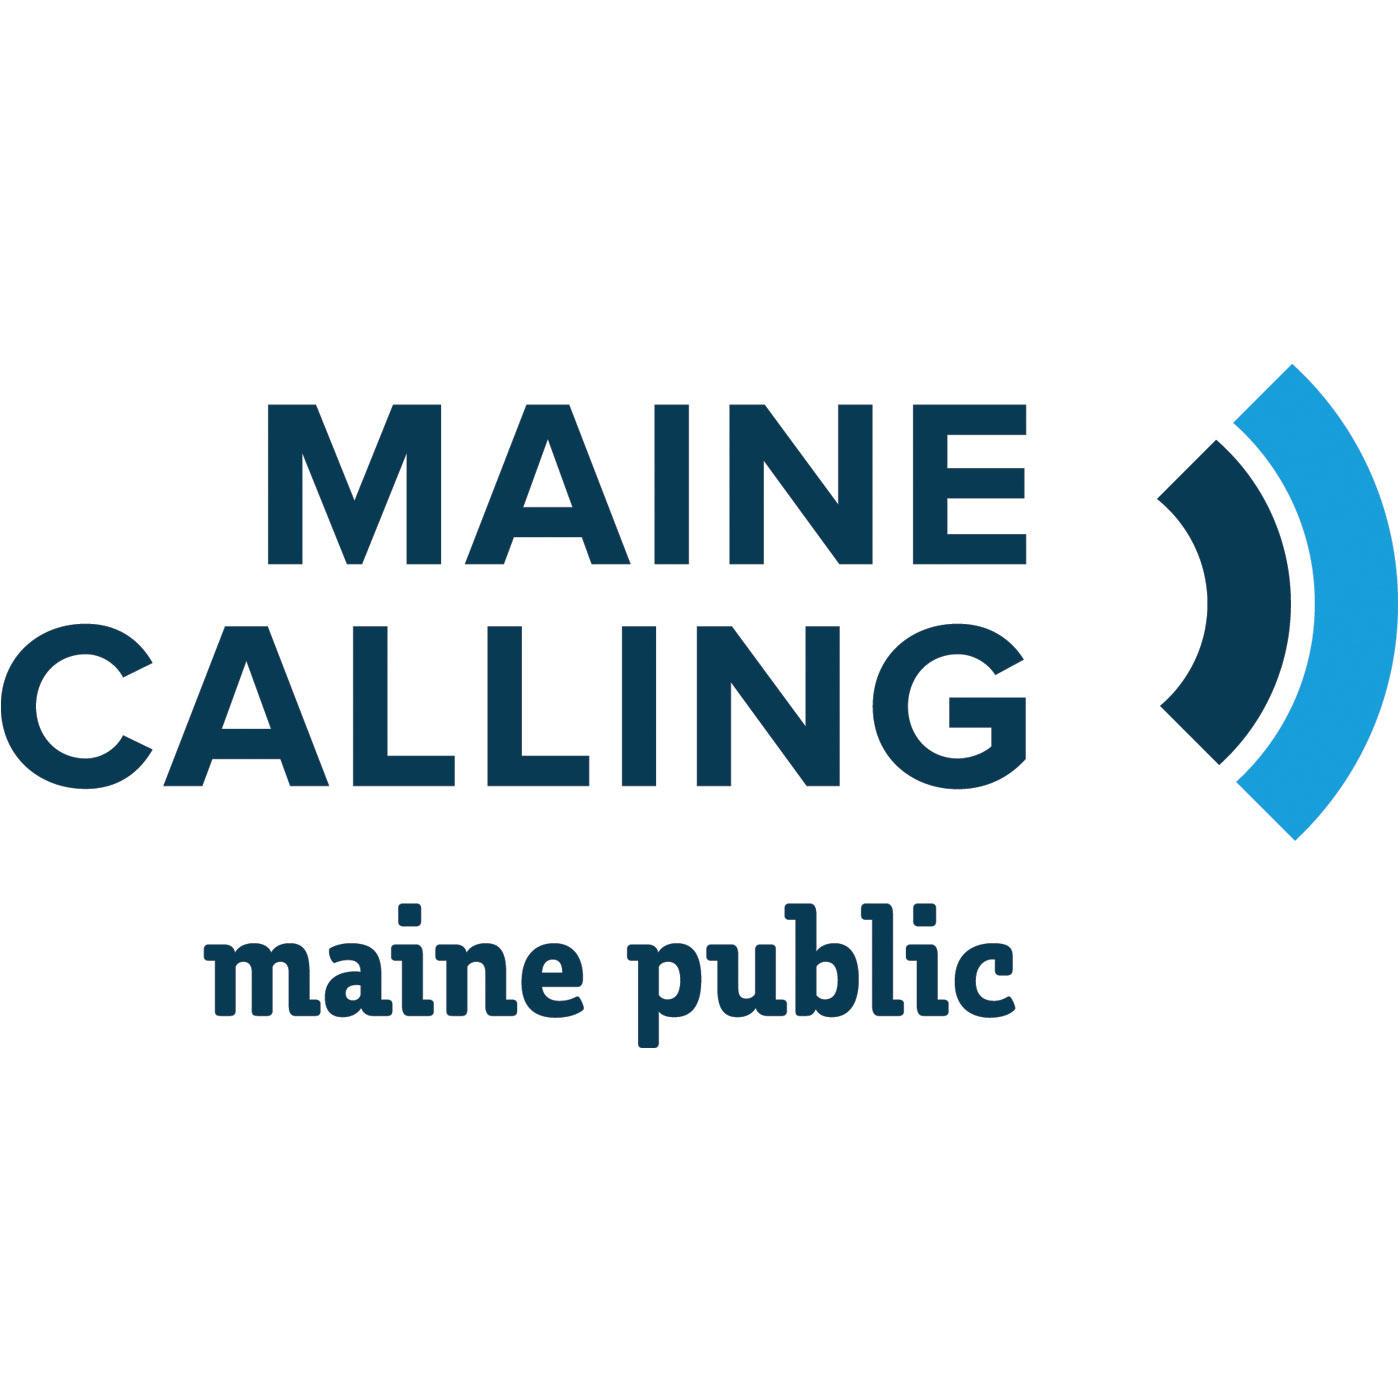 maine calling | maine public